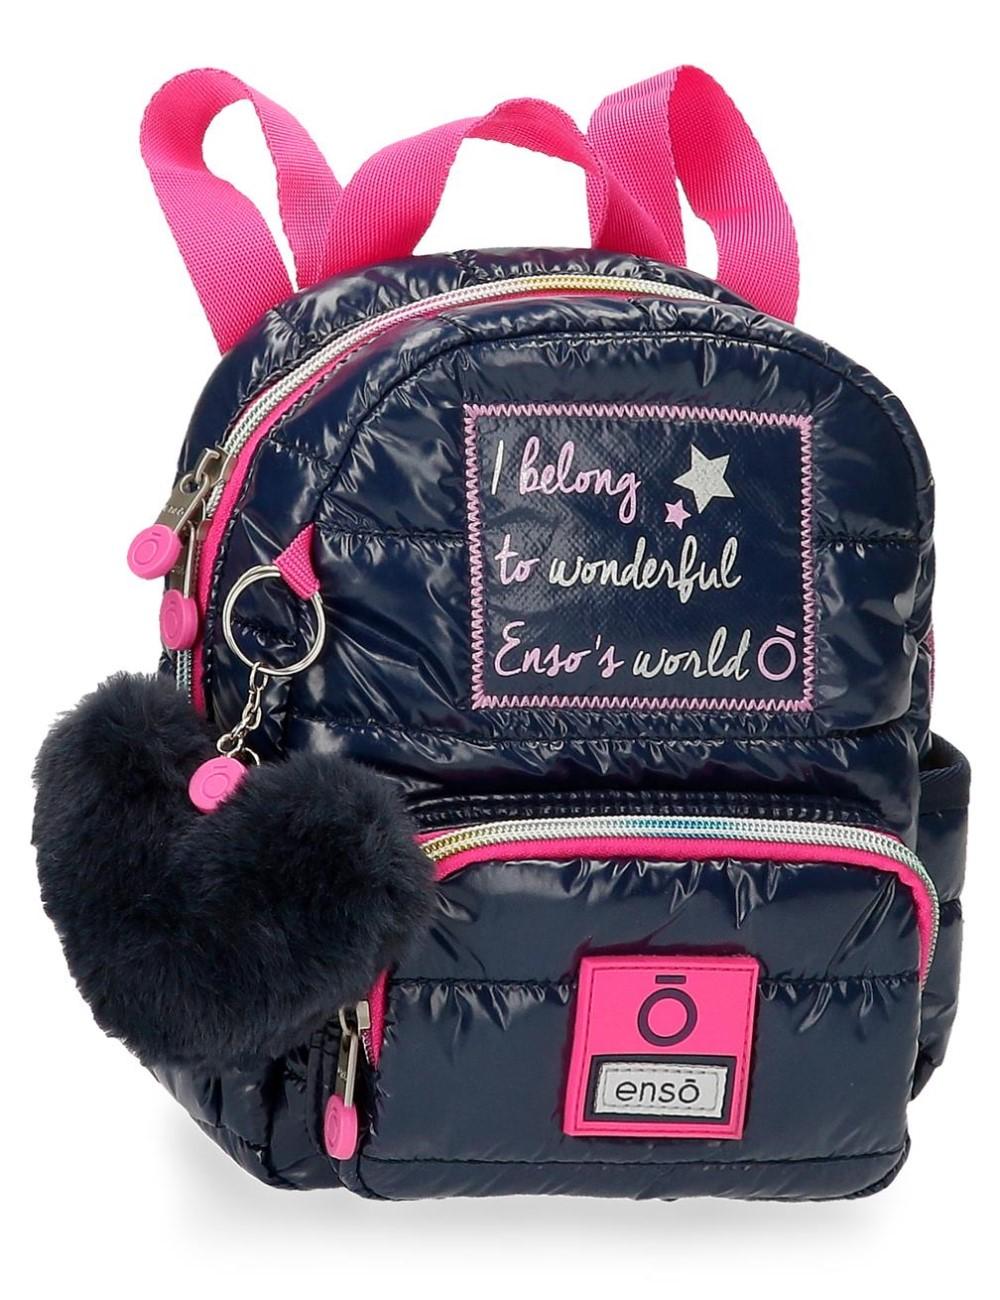 Mochila 23cm Enso Make A Wish 9192021